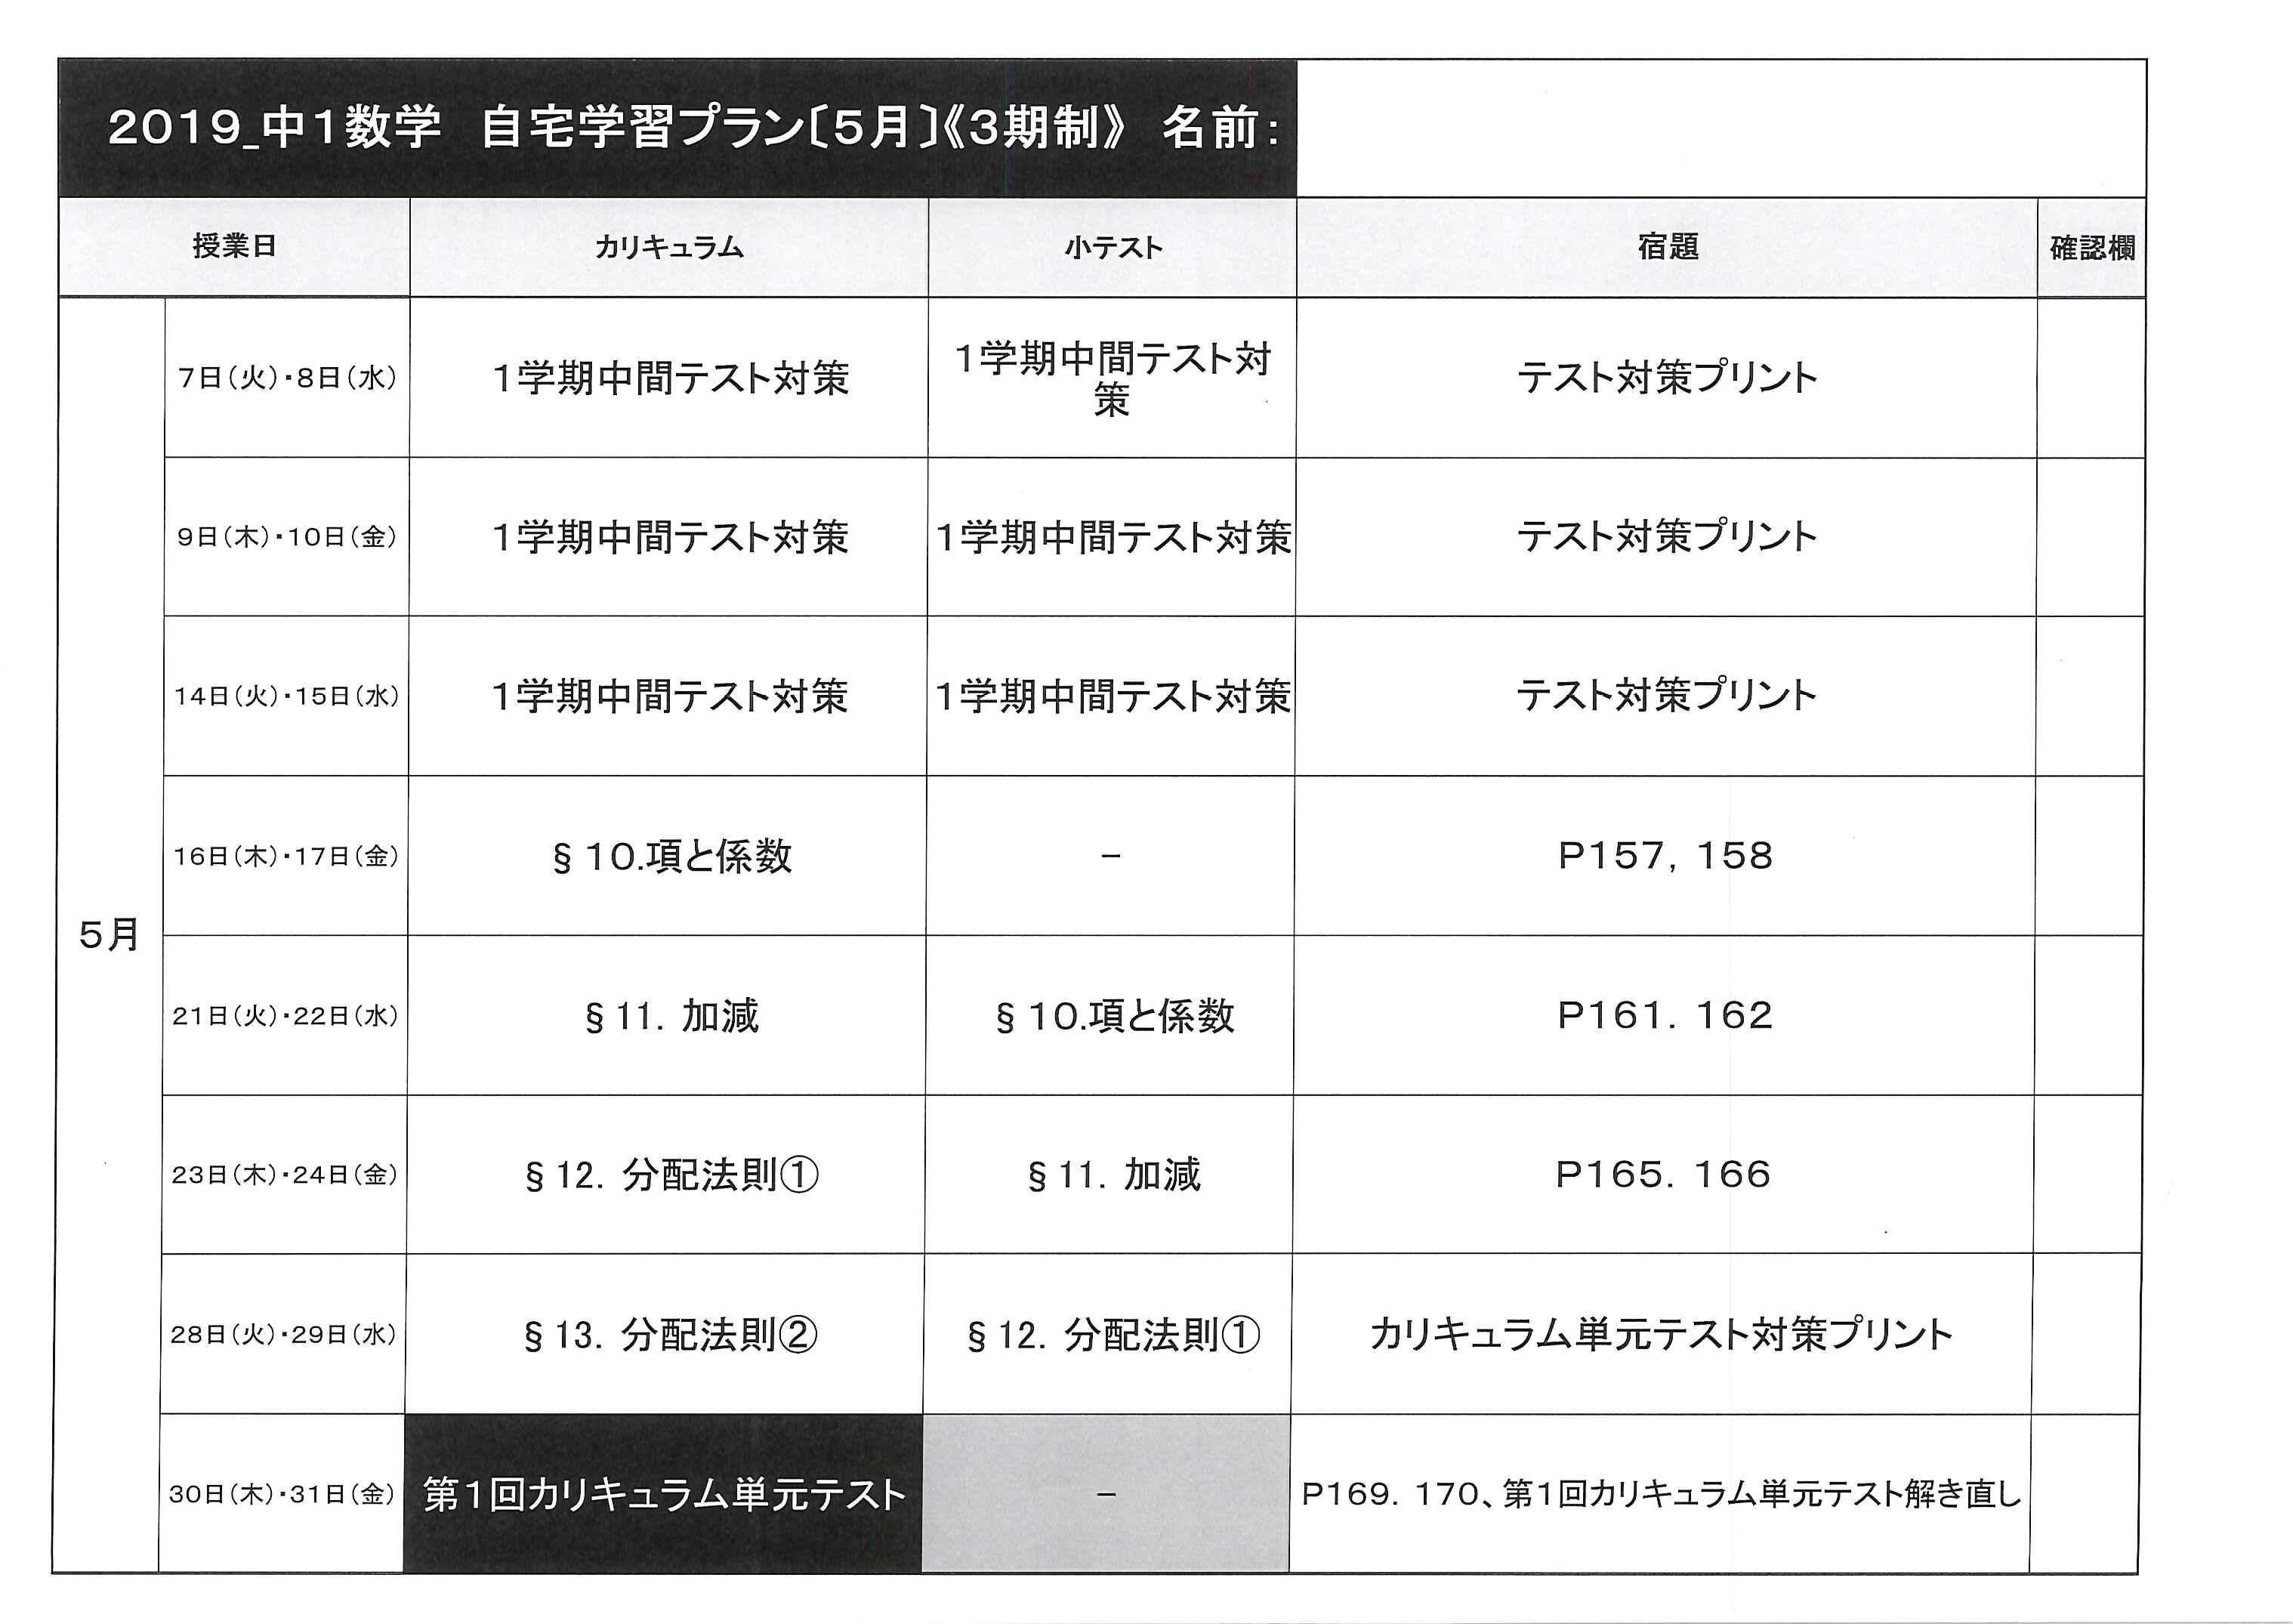 2019年5月中学生宿題小テスト表【HP用②】.png